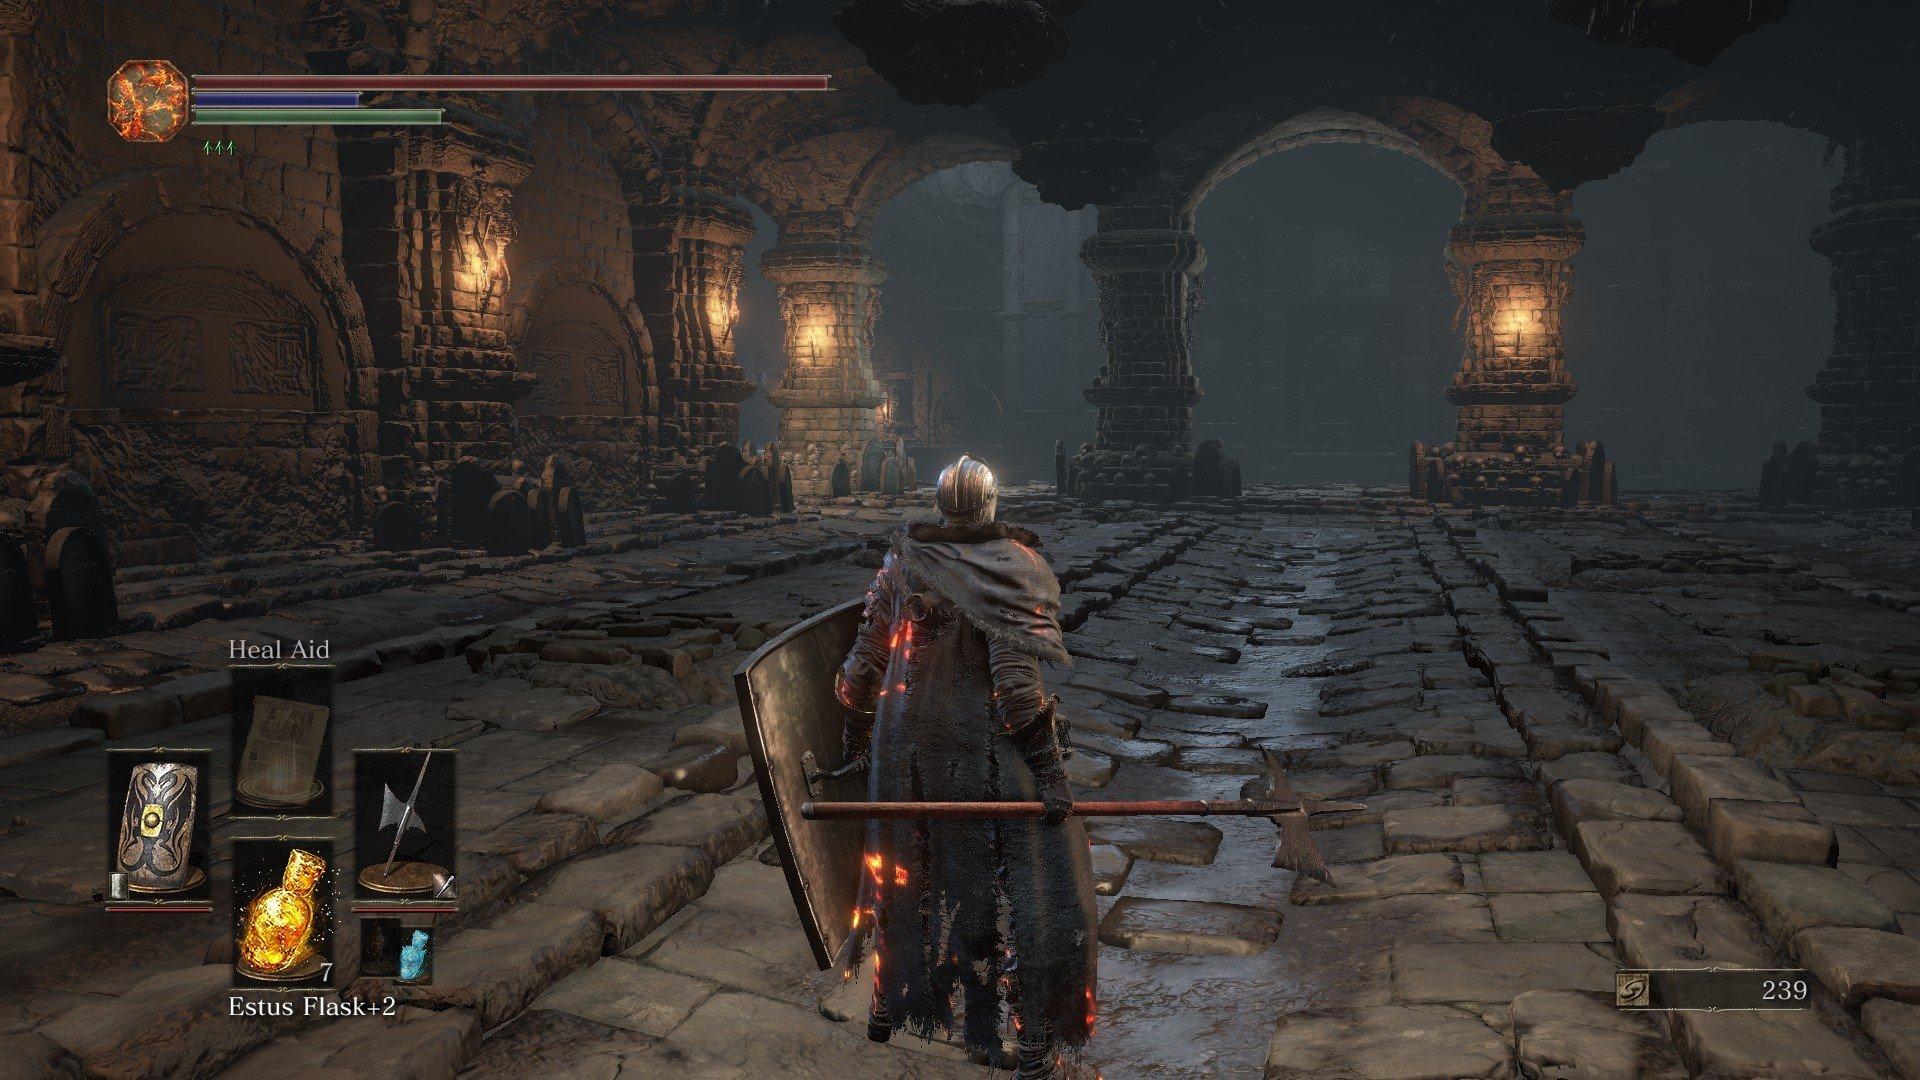 Скачать dark souls 2 | скачать бесплатно игры на компьютер.